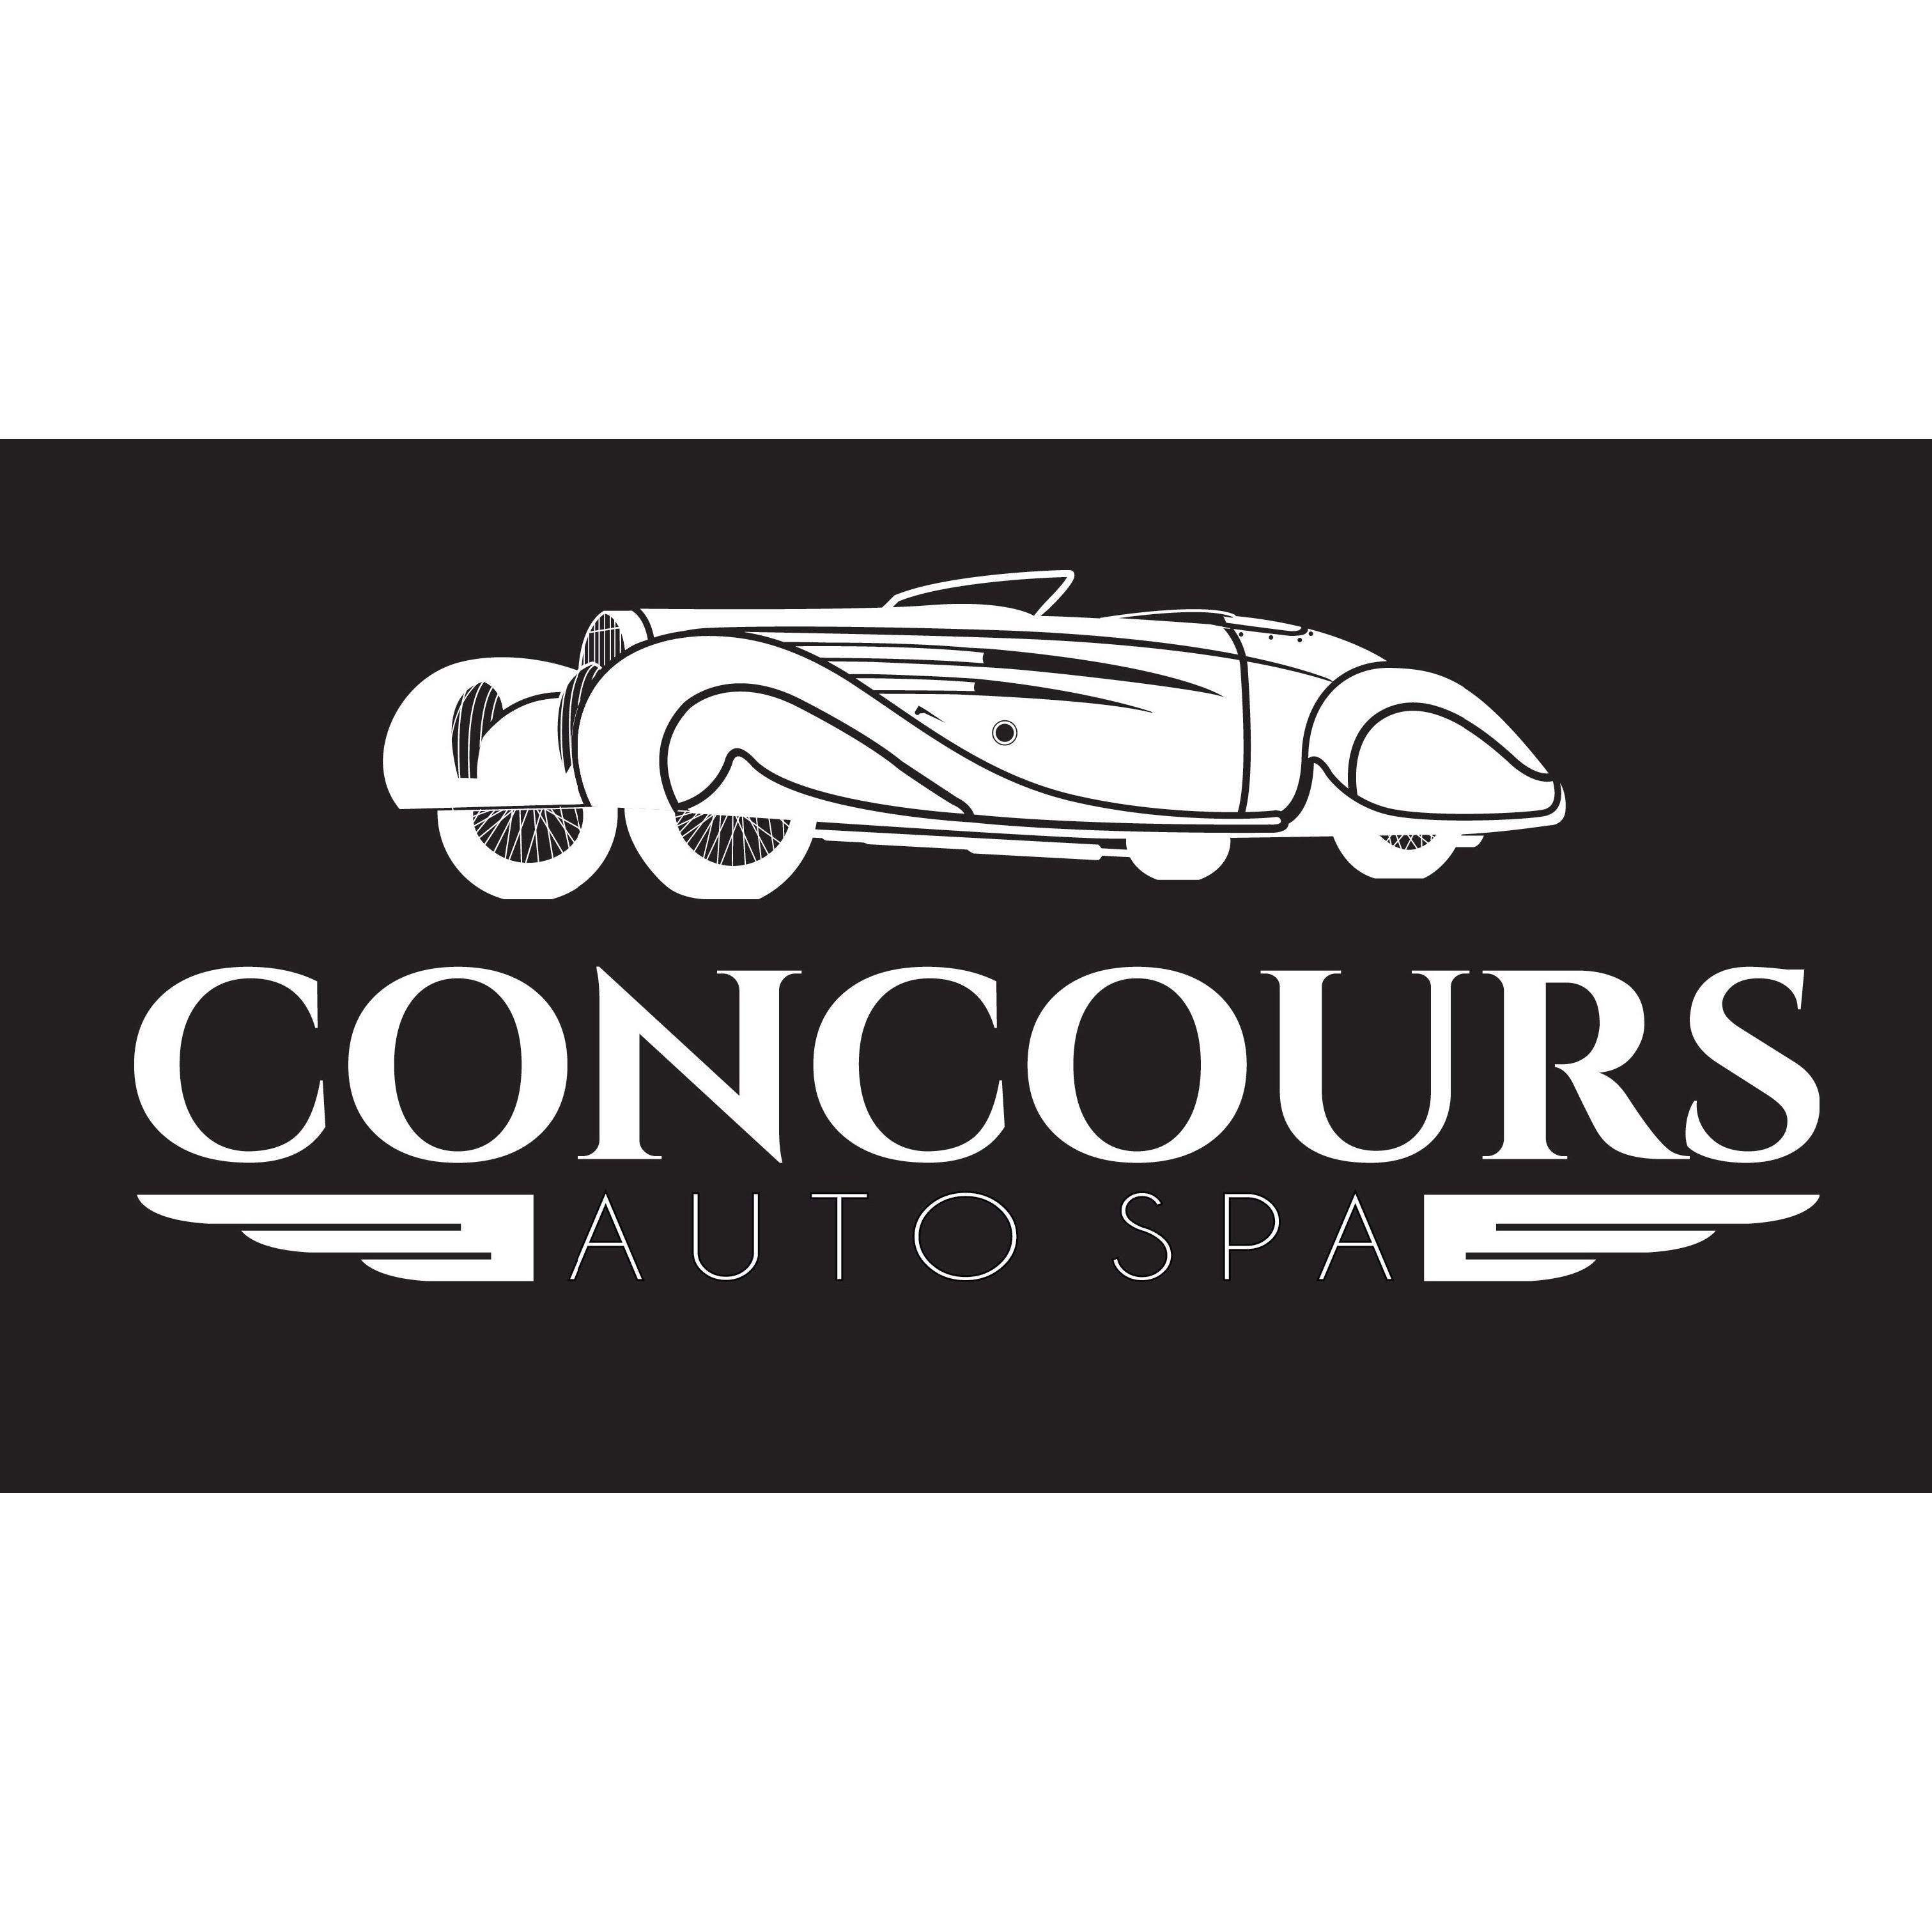 Concours Auto Spa